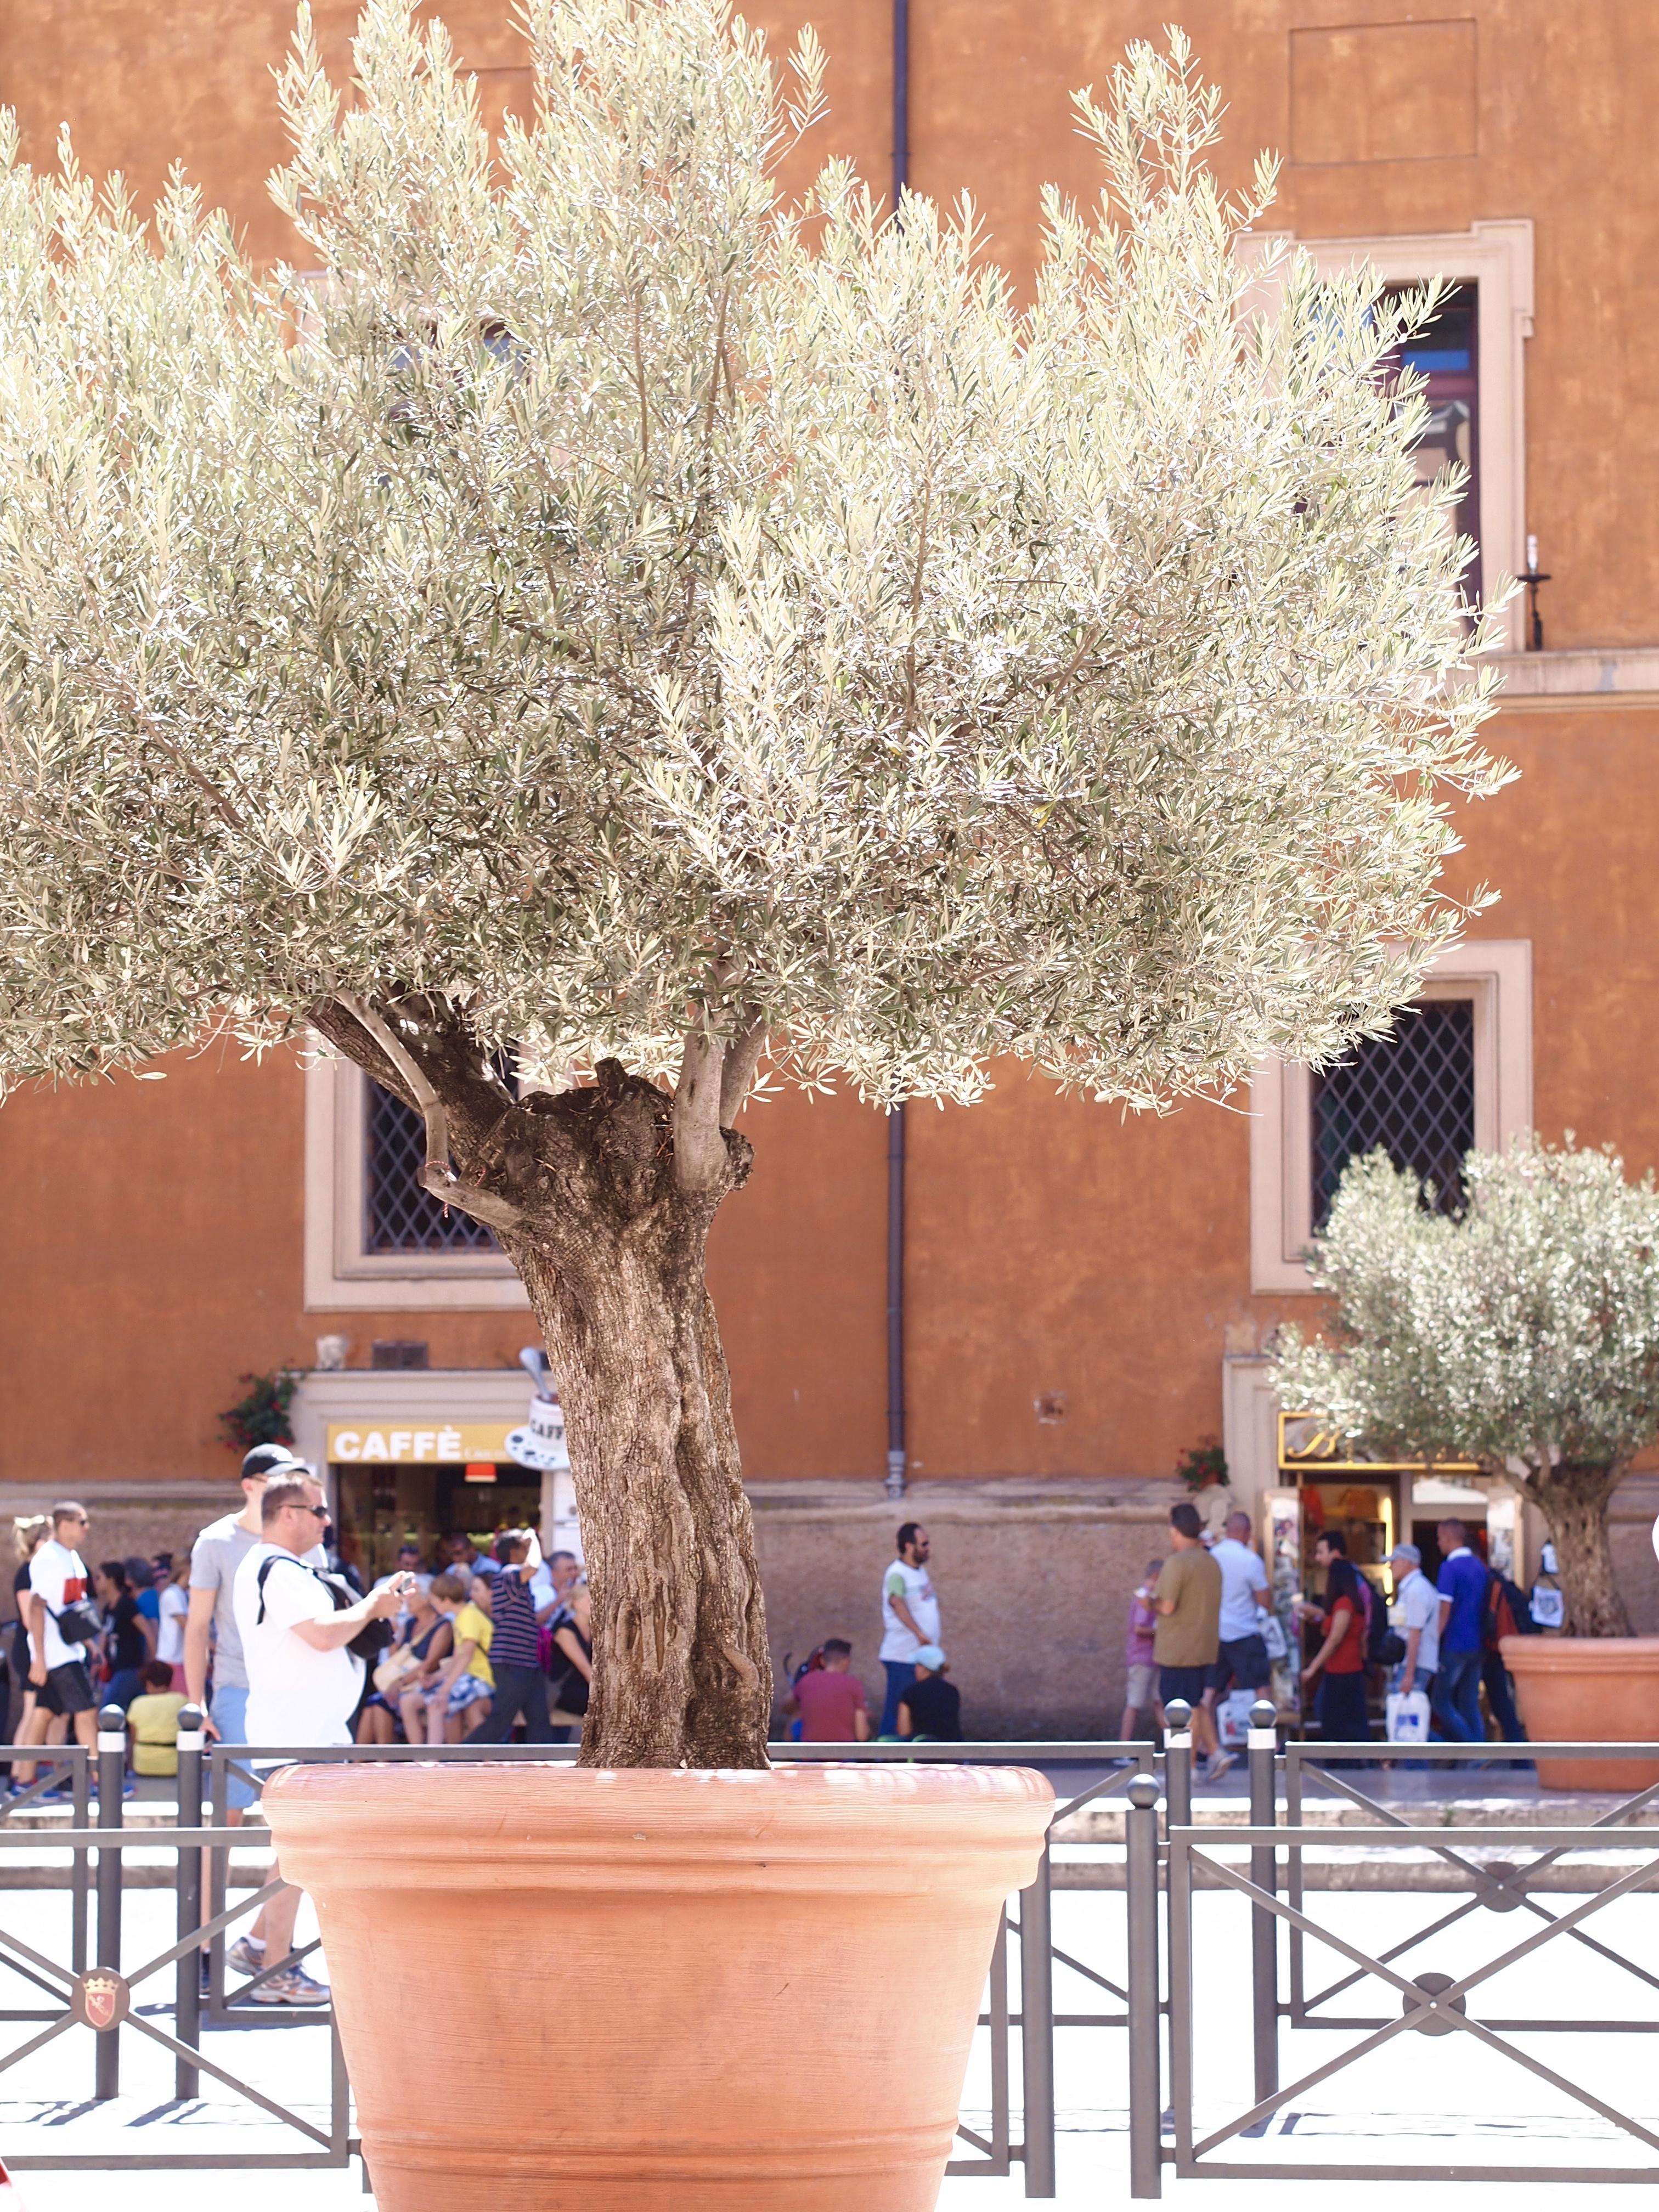 häämatkalle italiaan Roomaan